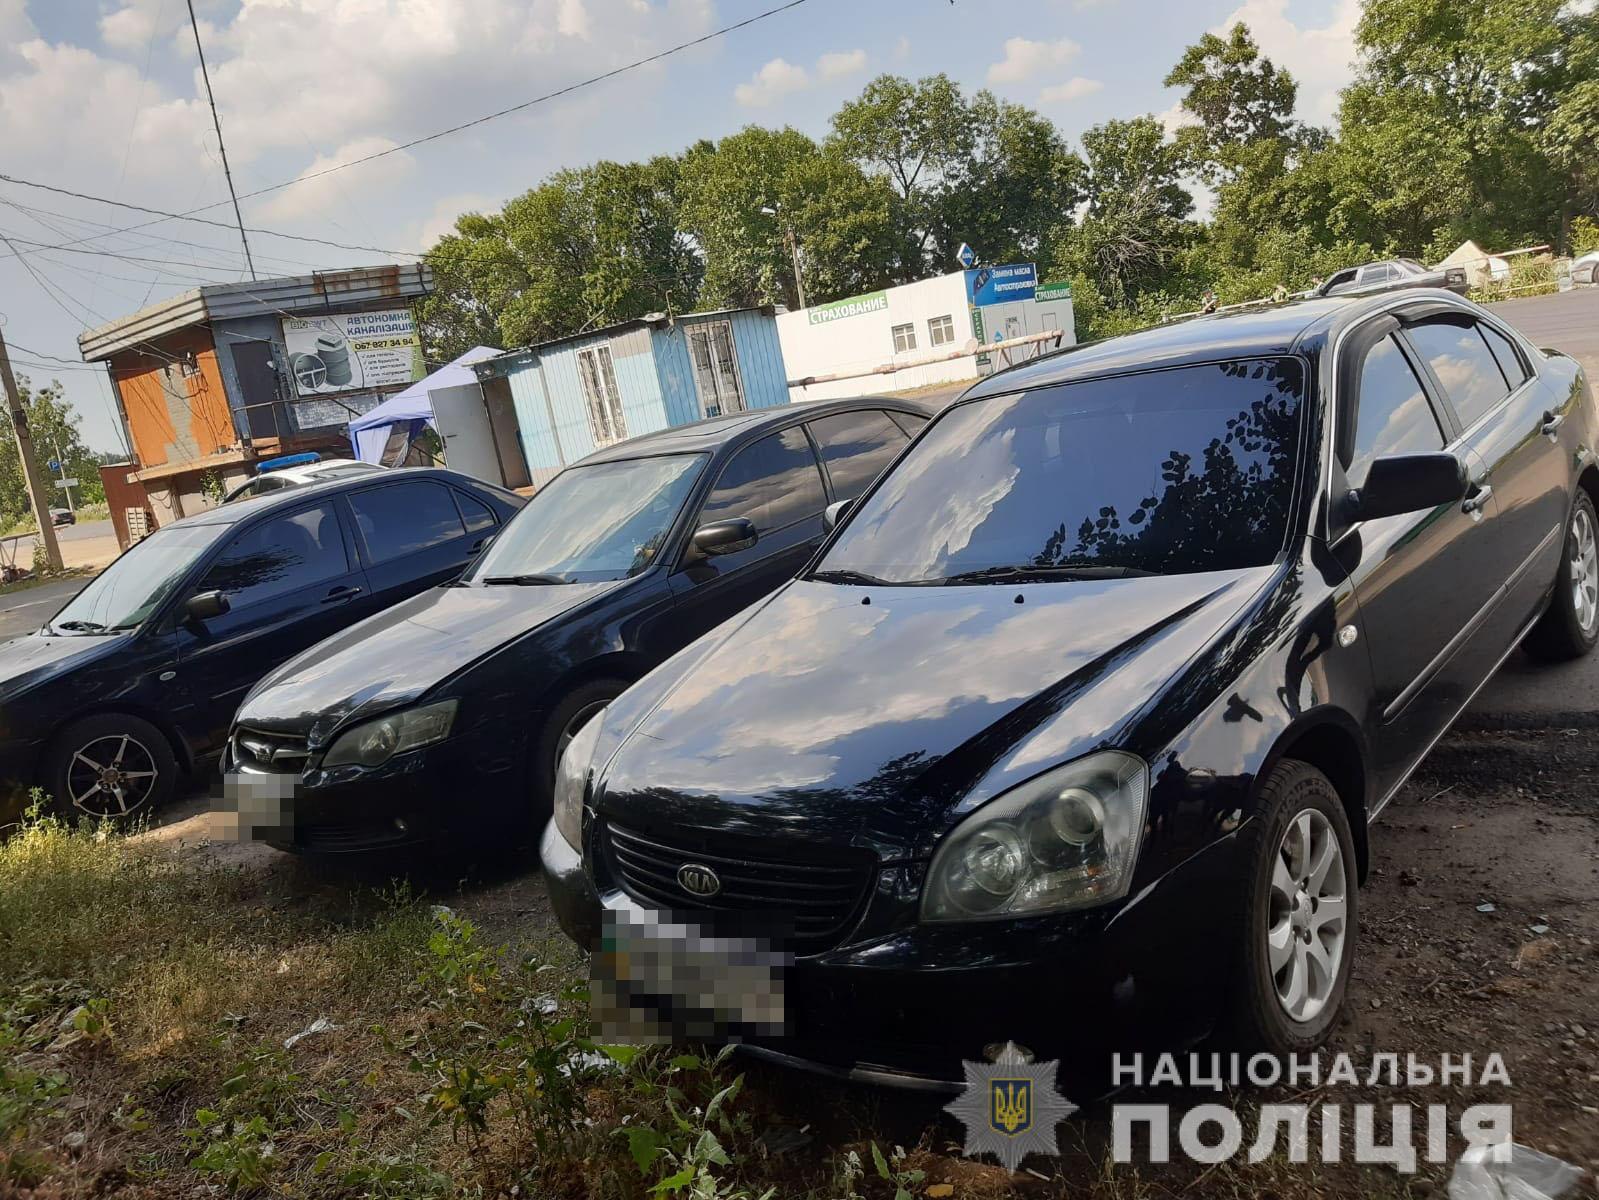 В Харьковской области сын угнал у своей матери автомобиль (фото)